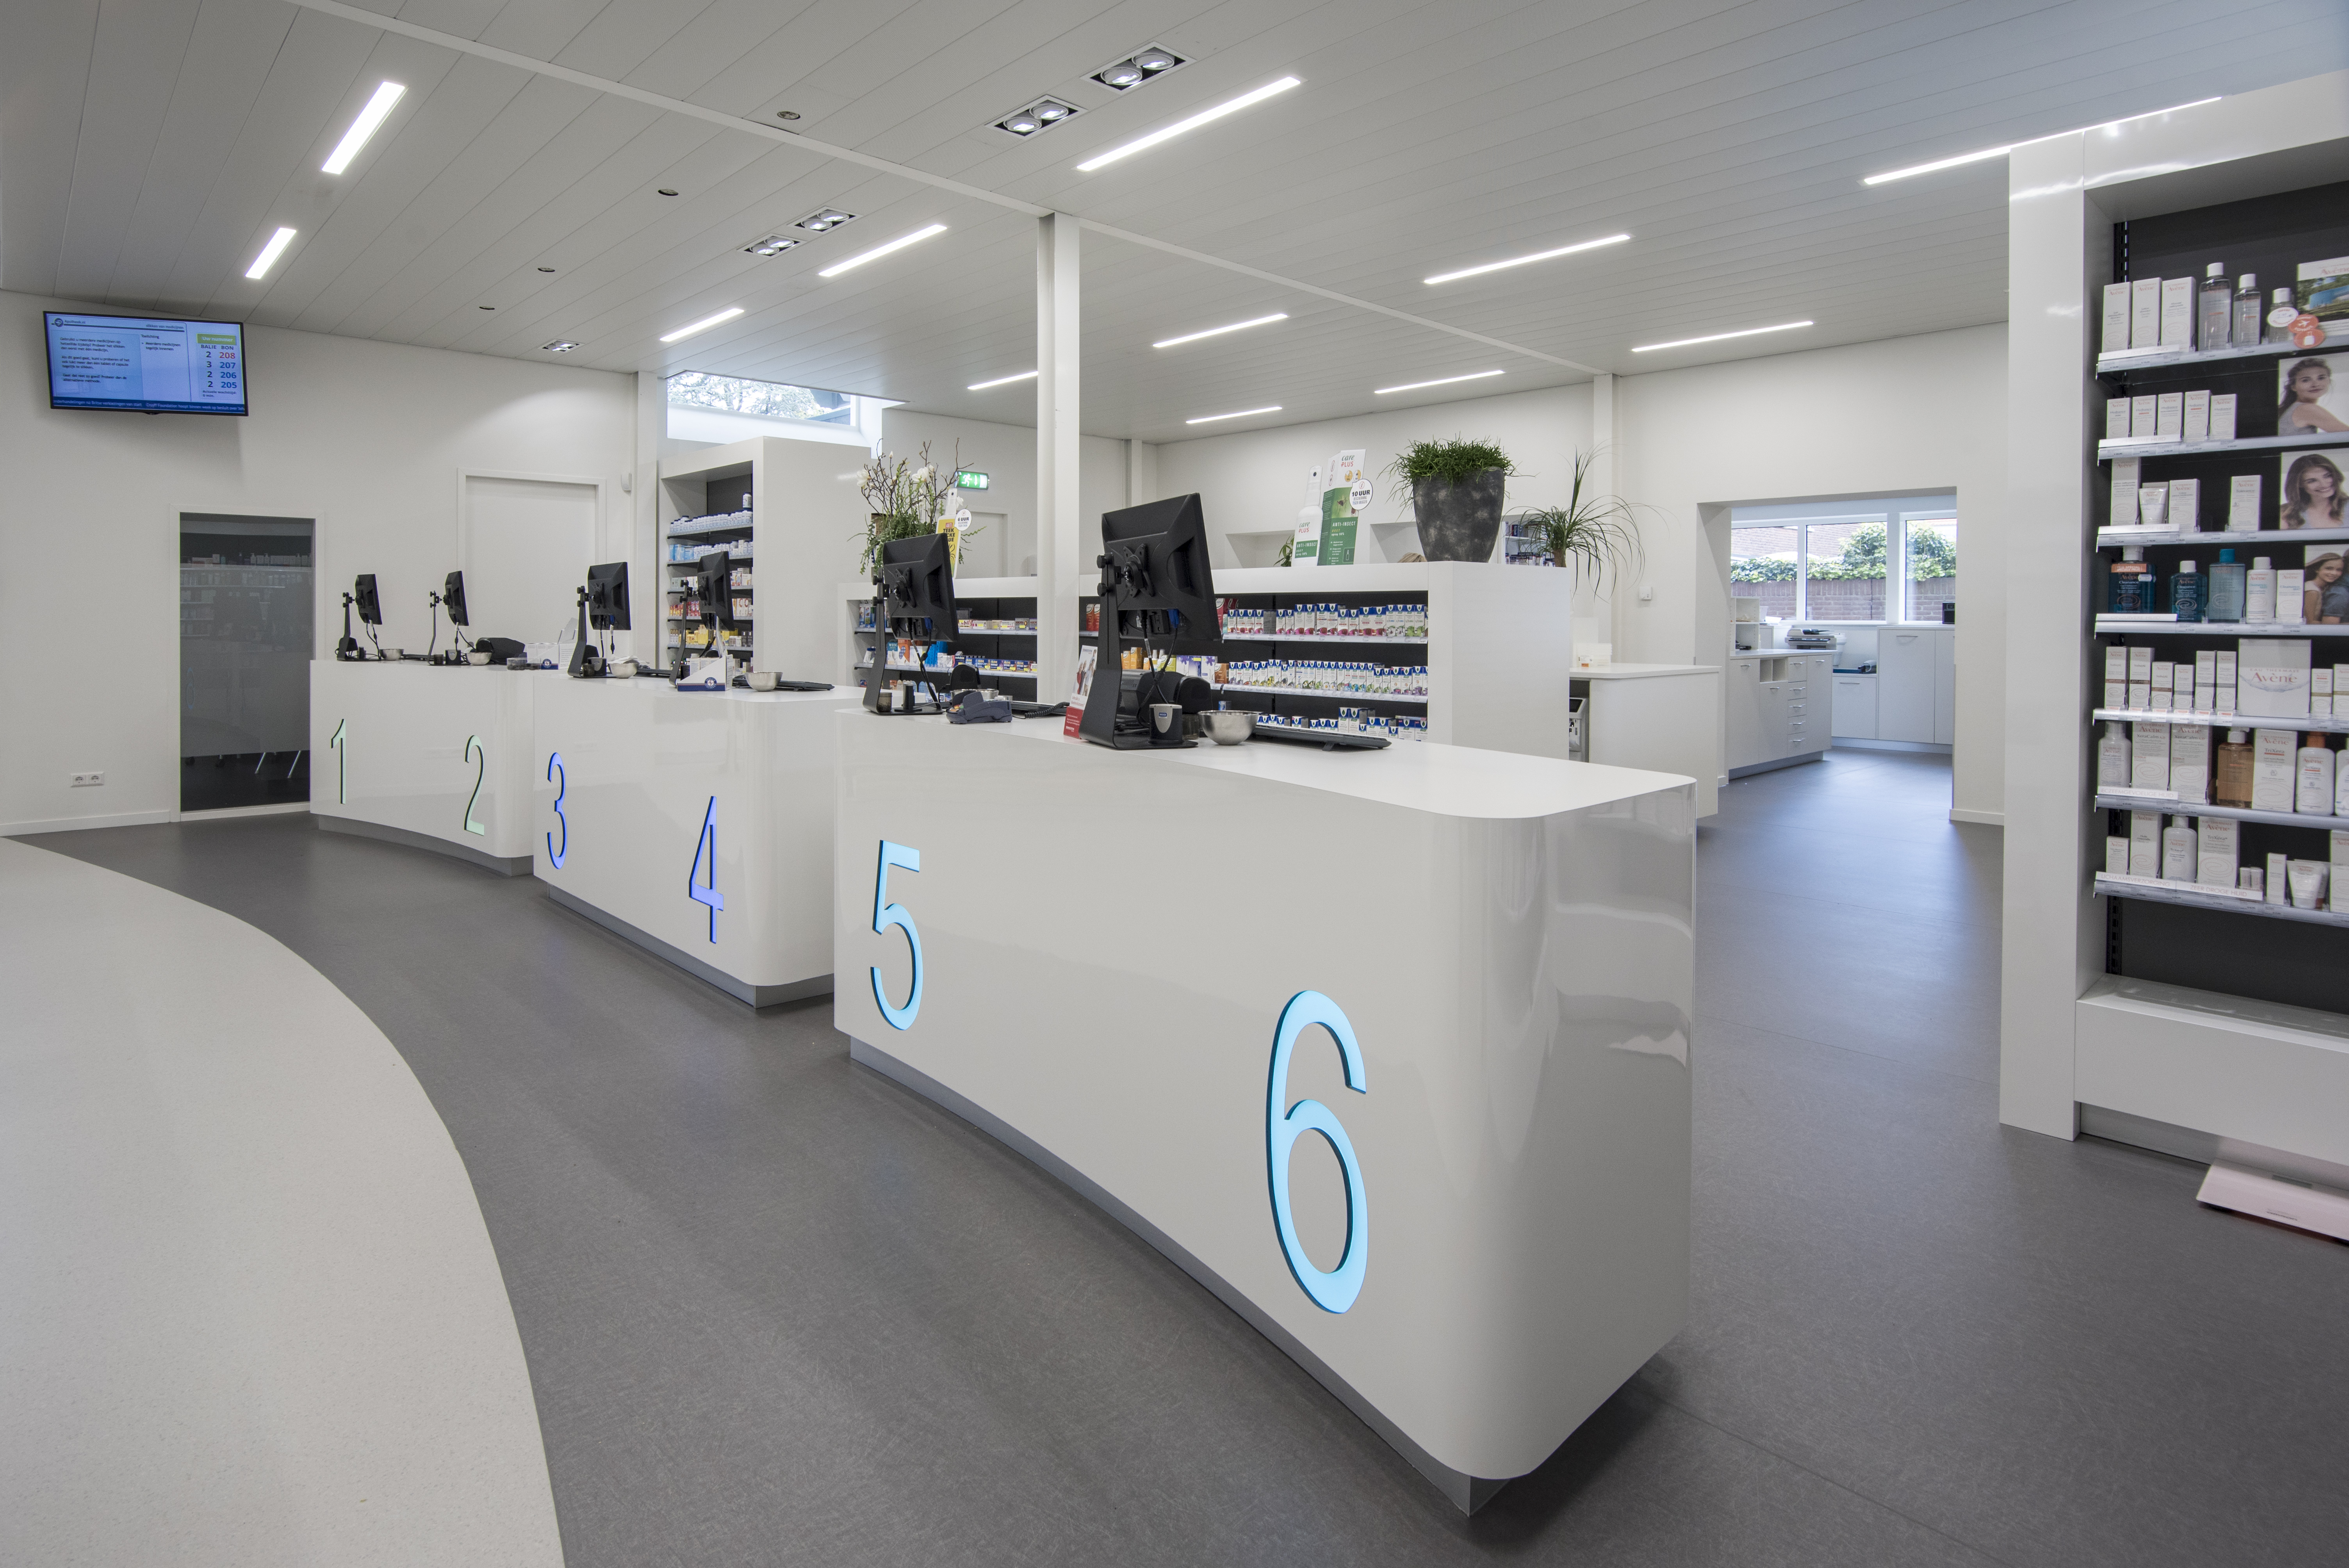 <p>De Apotheek in het gezondheidscentrum De Kandelaar &#8211; HET architectenbureau</p>